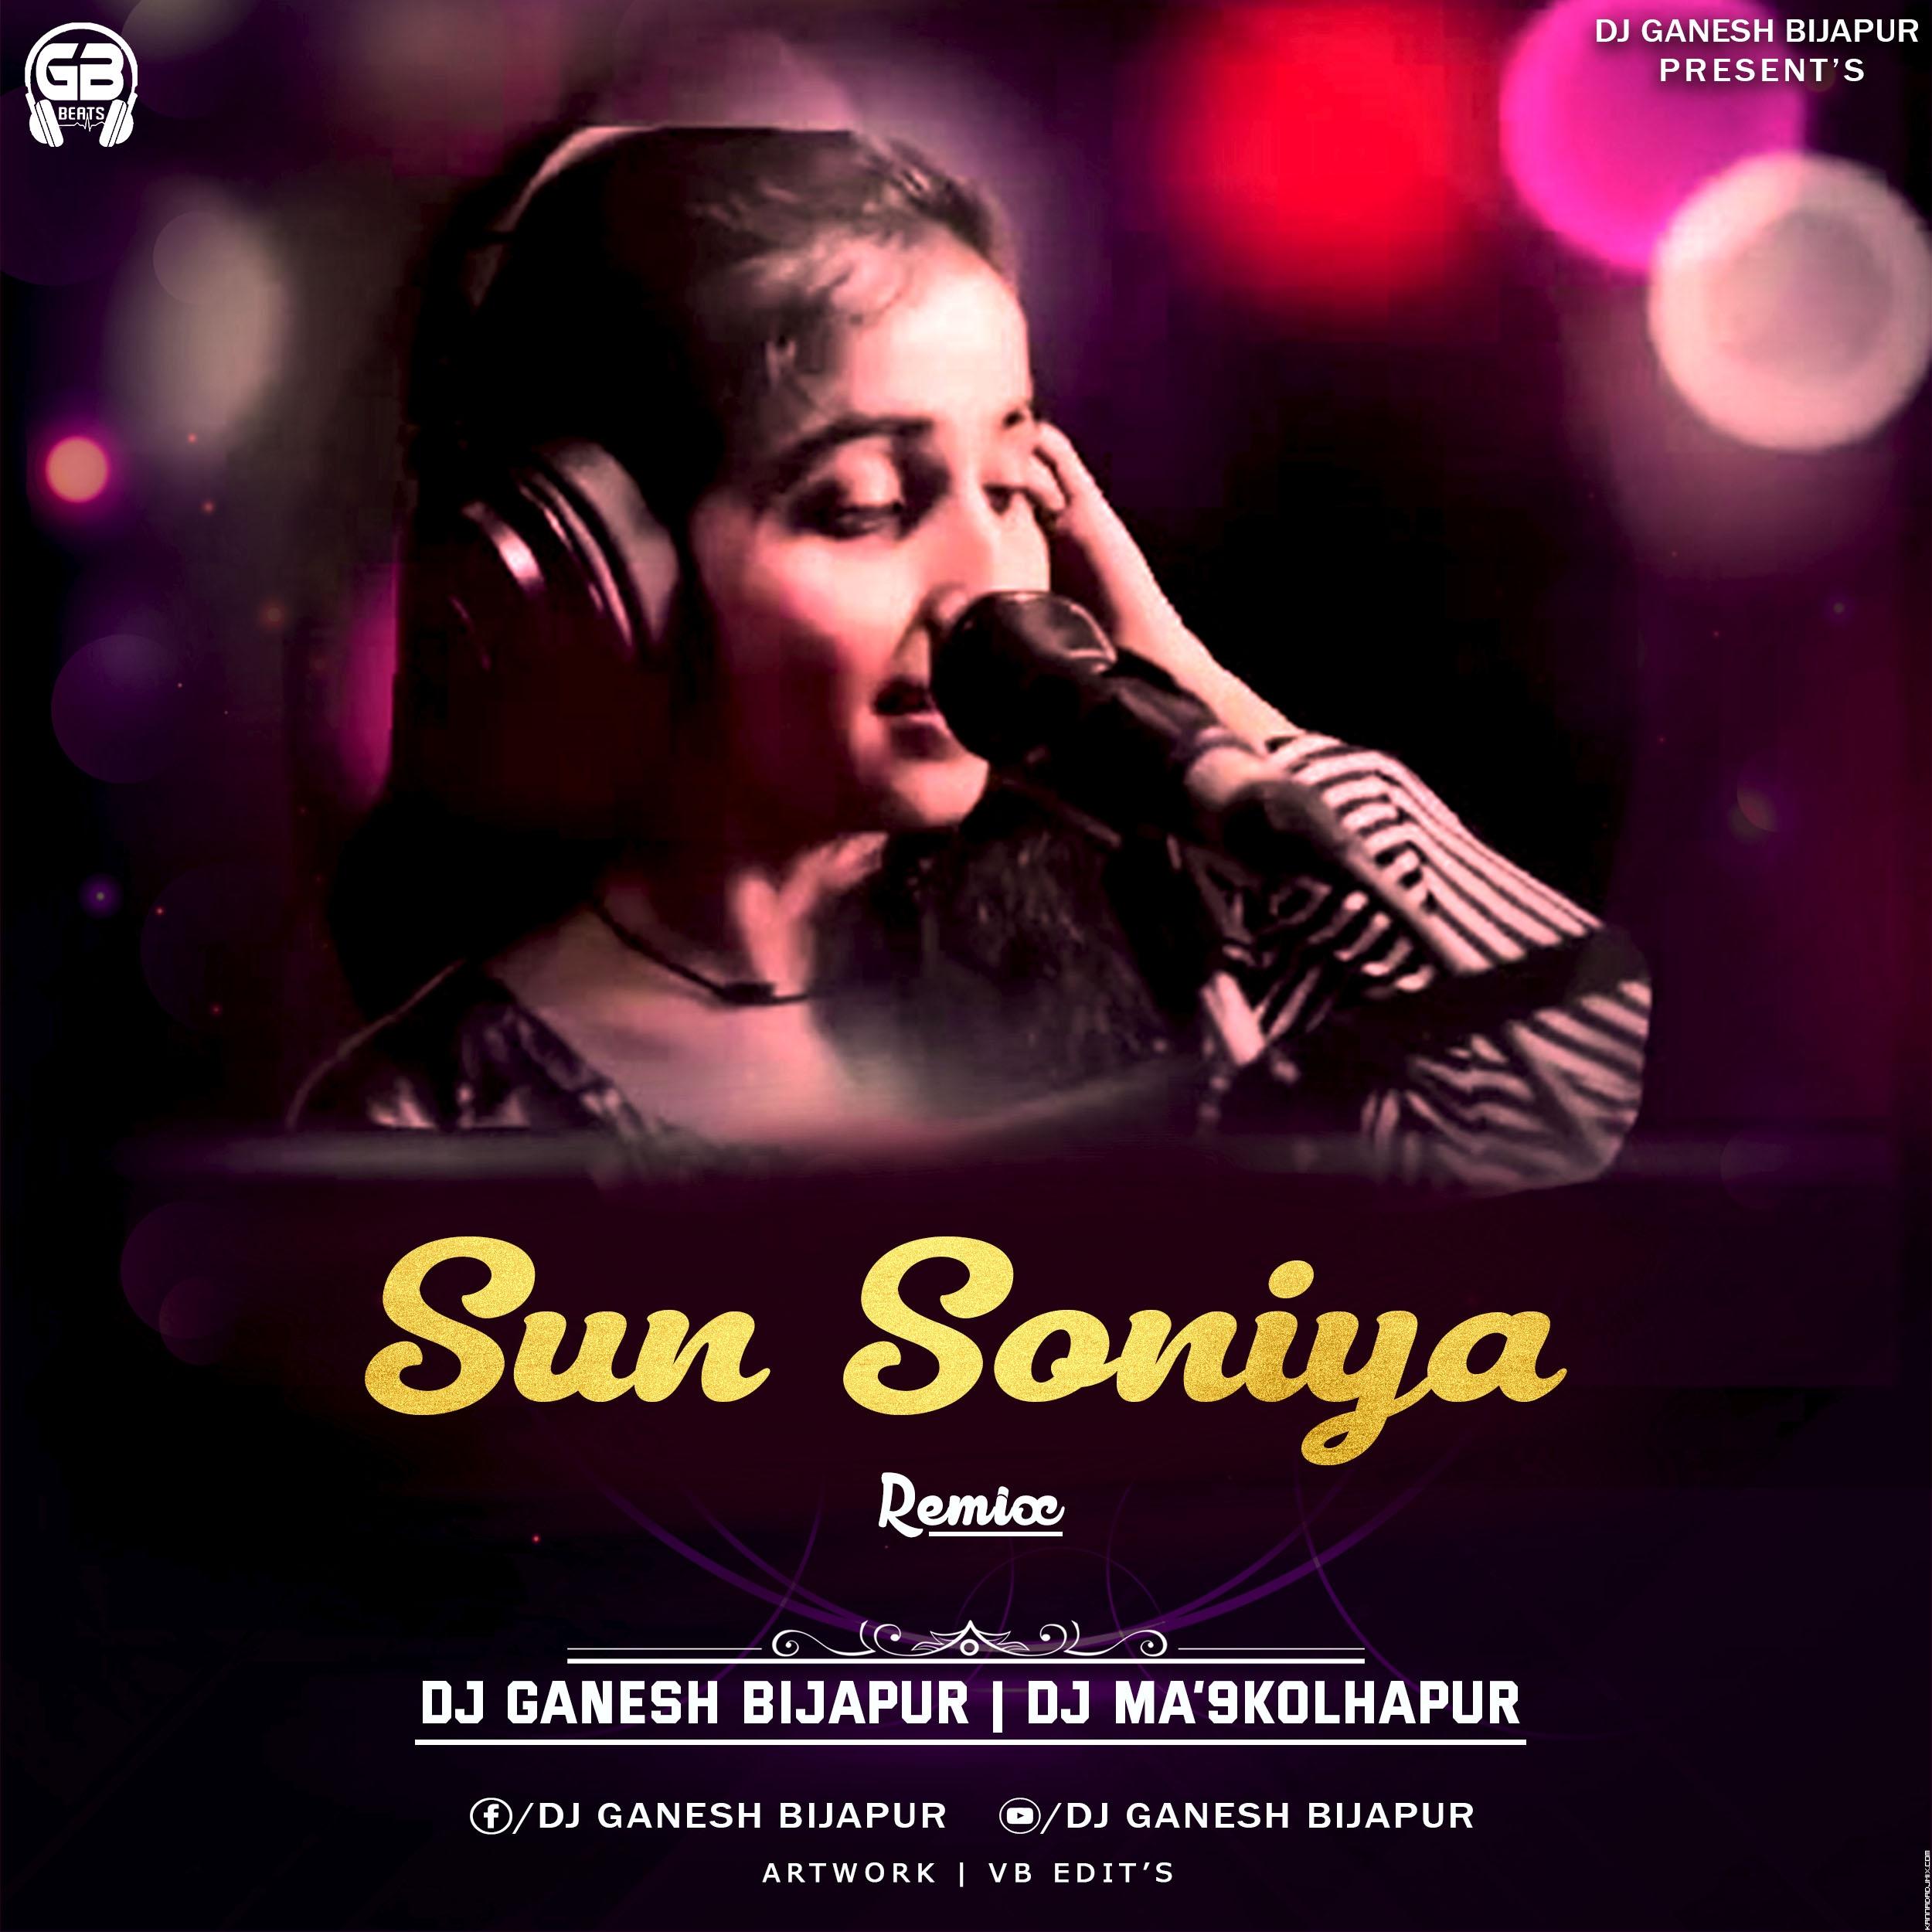 Sun Soniya Remix Dj Ganesh Bijapur X Dj Ma'9 Kolhapur.mp3